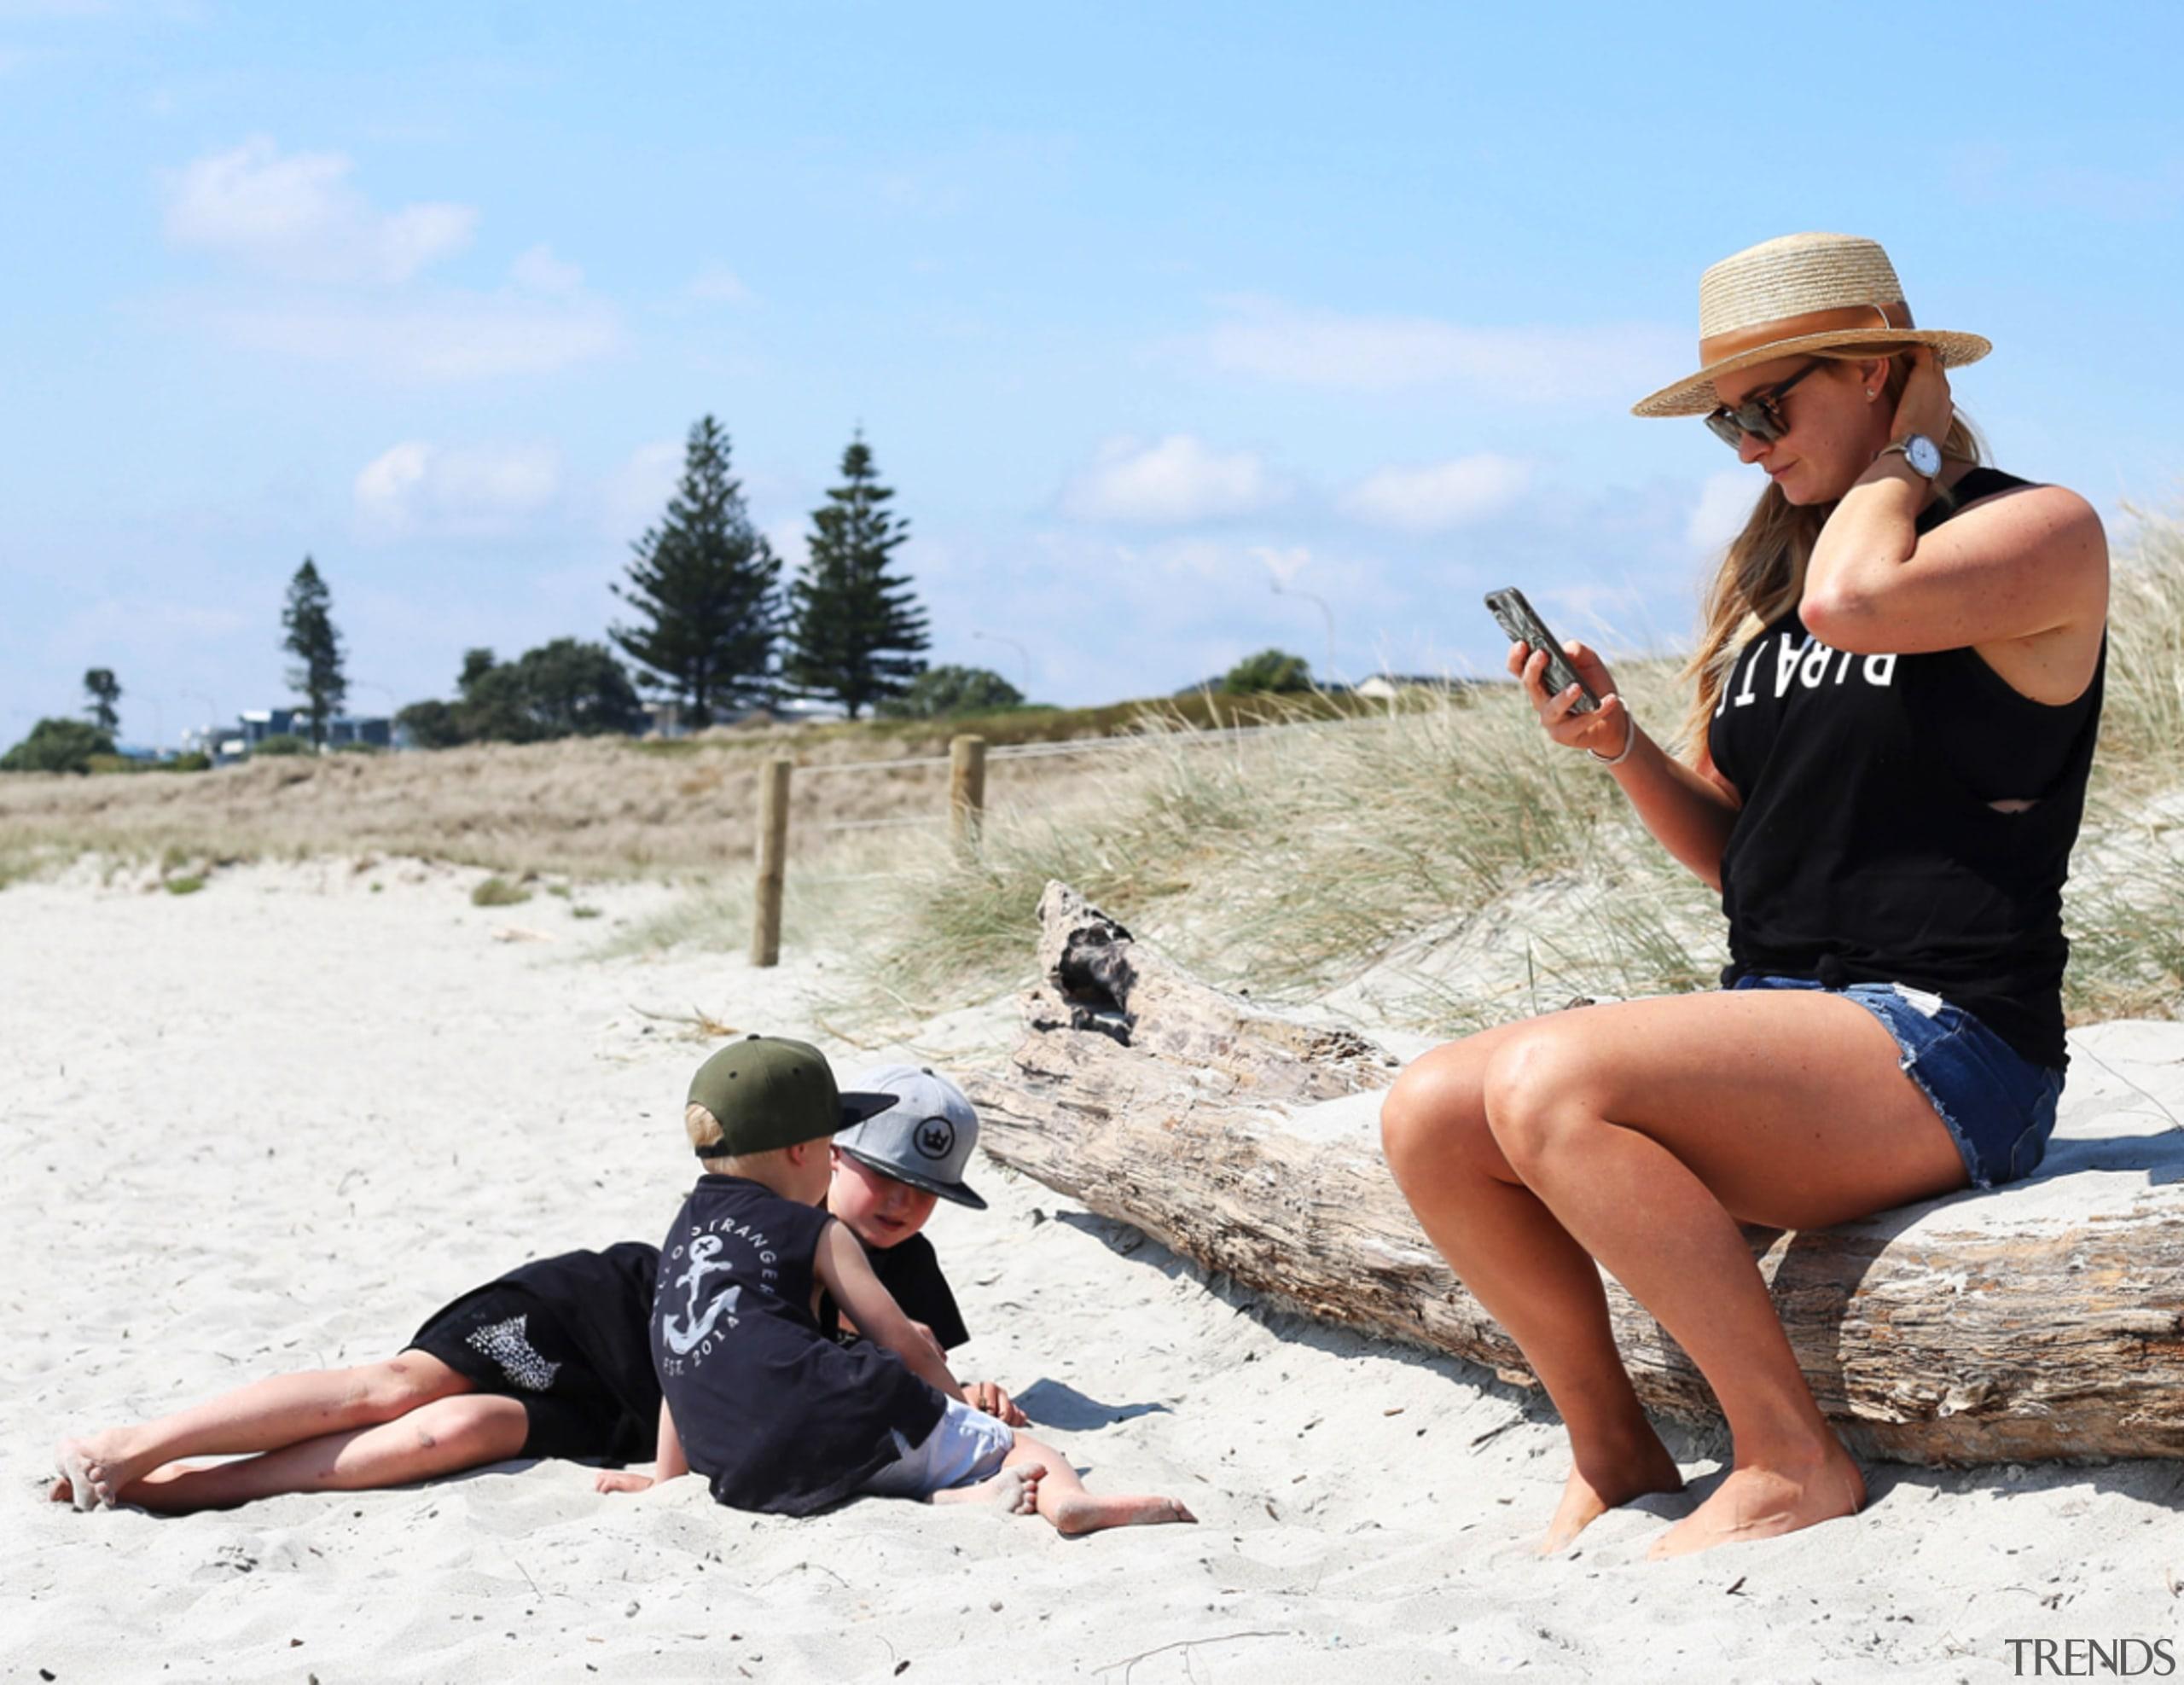 Assa Abloy - beach | fun | headgear beach, fun, headgear, sand, summer, tourism, travel, vacation, white, teal